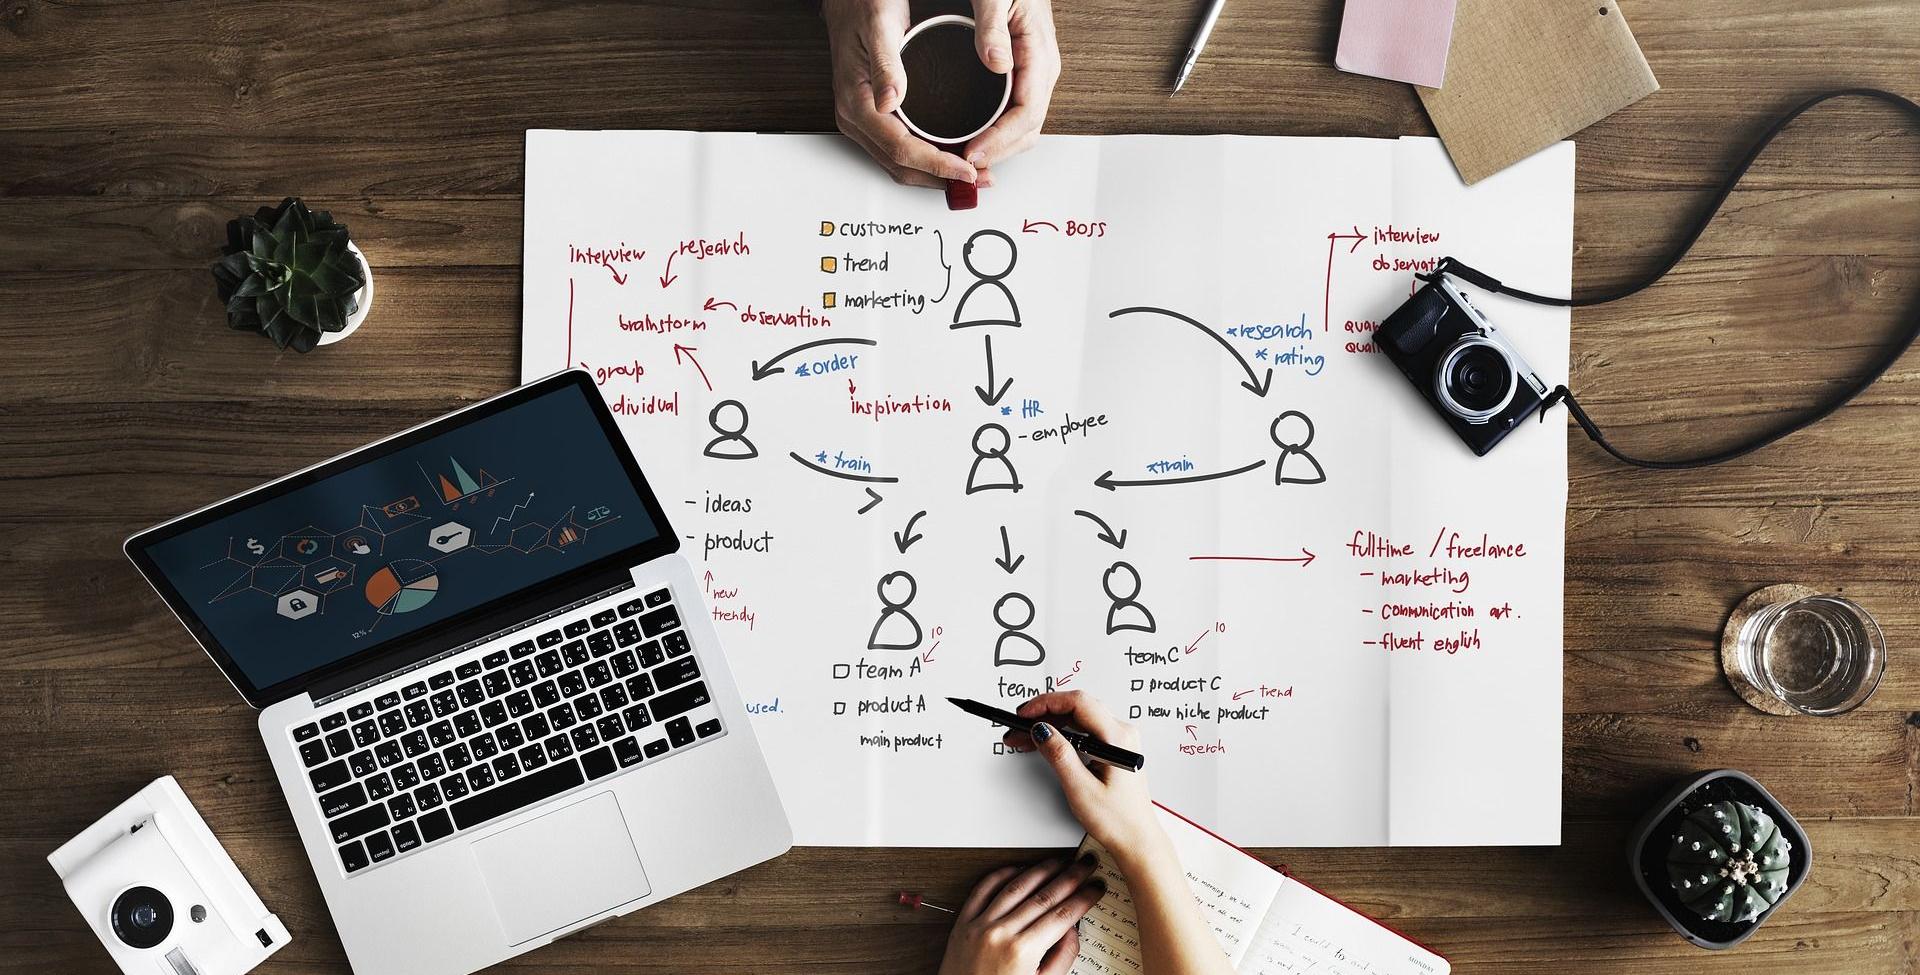 создание стратегии контент-маркетинга